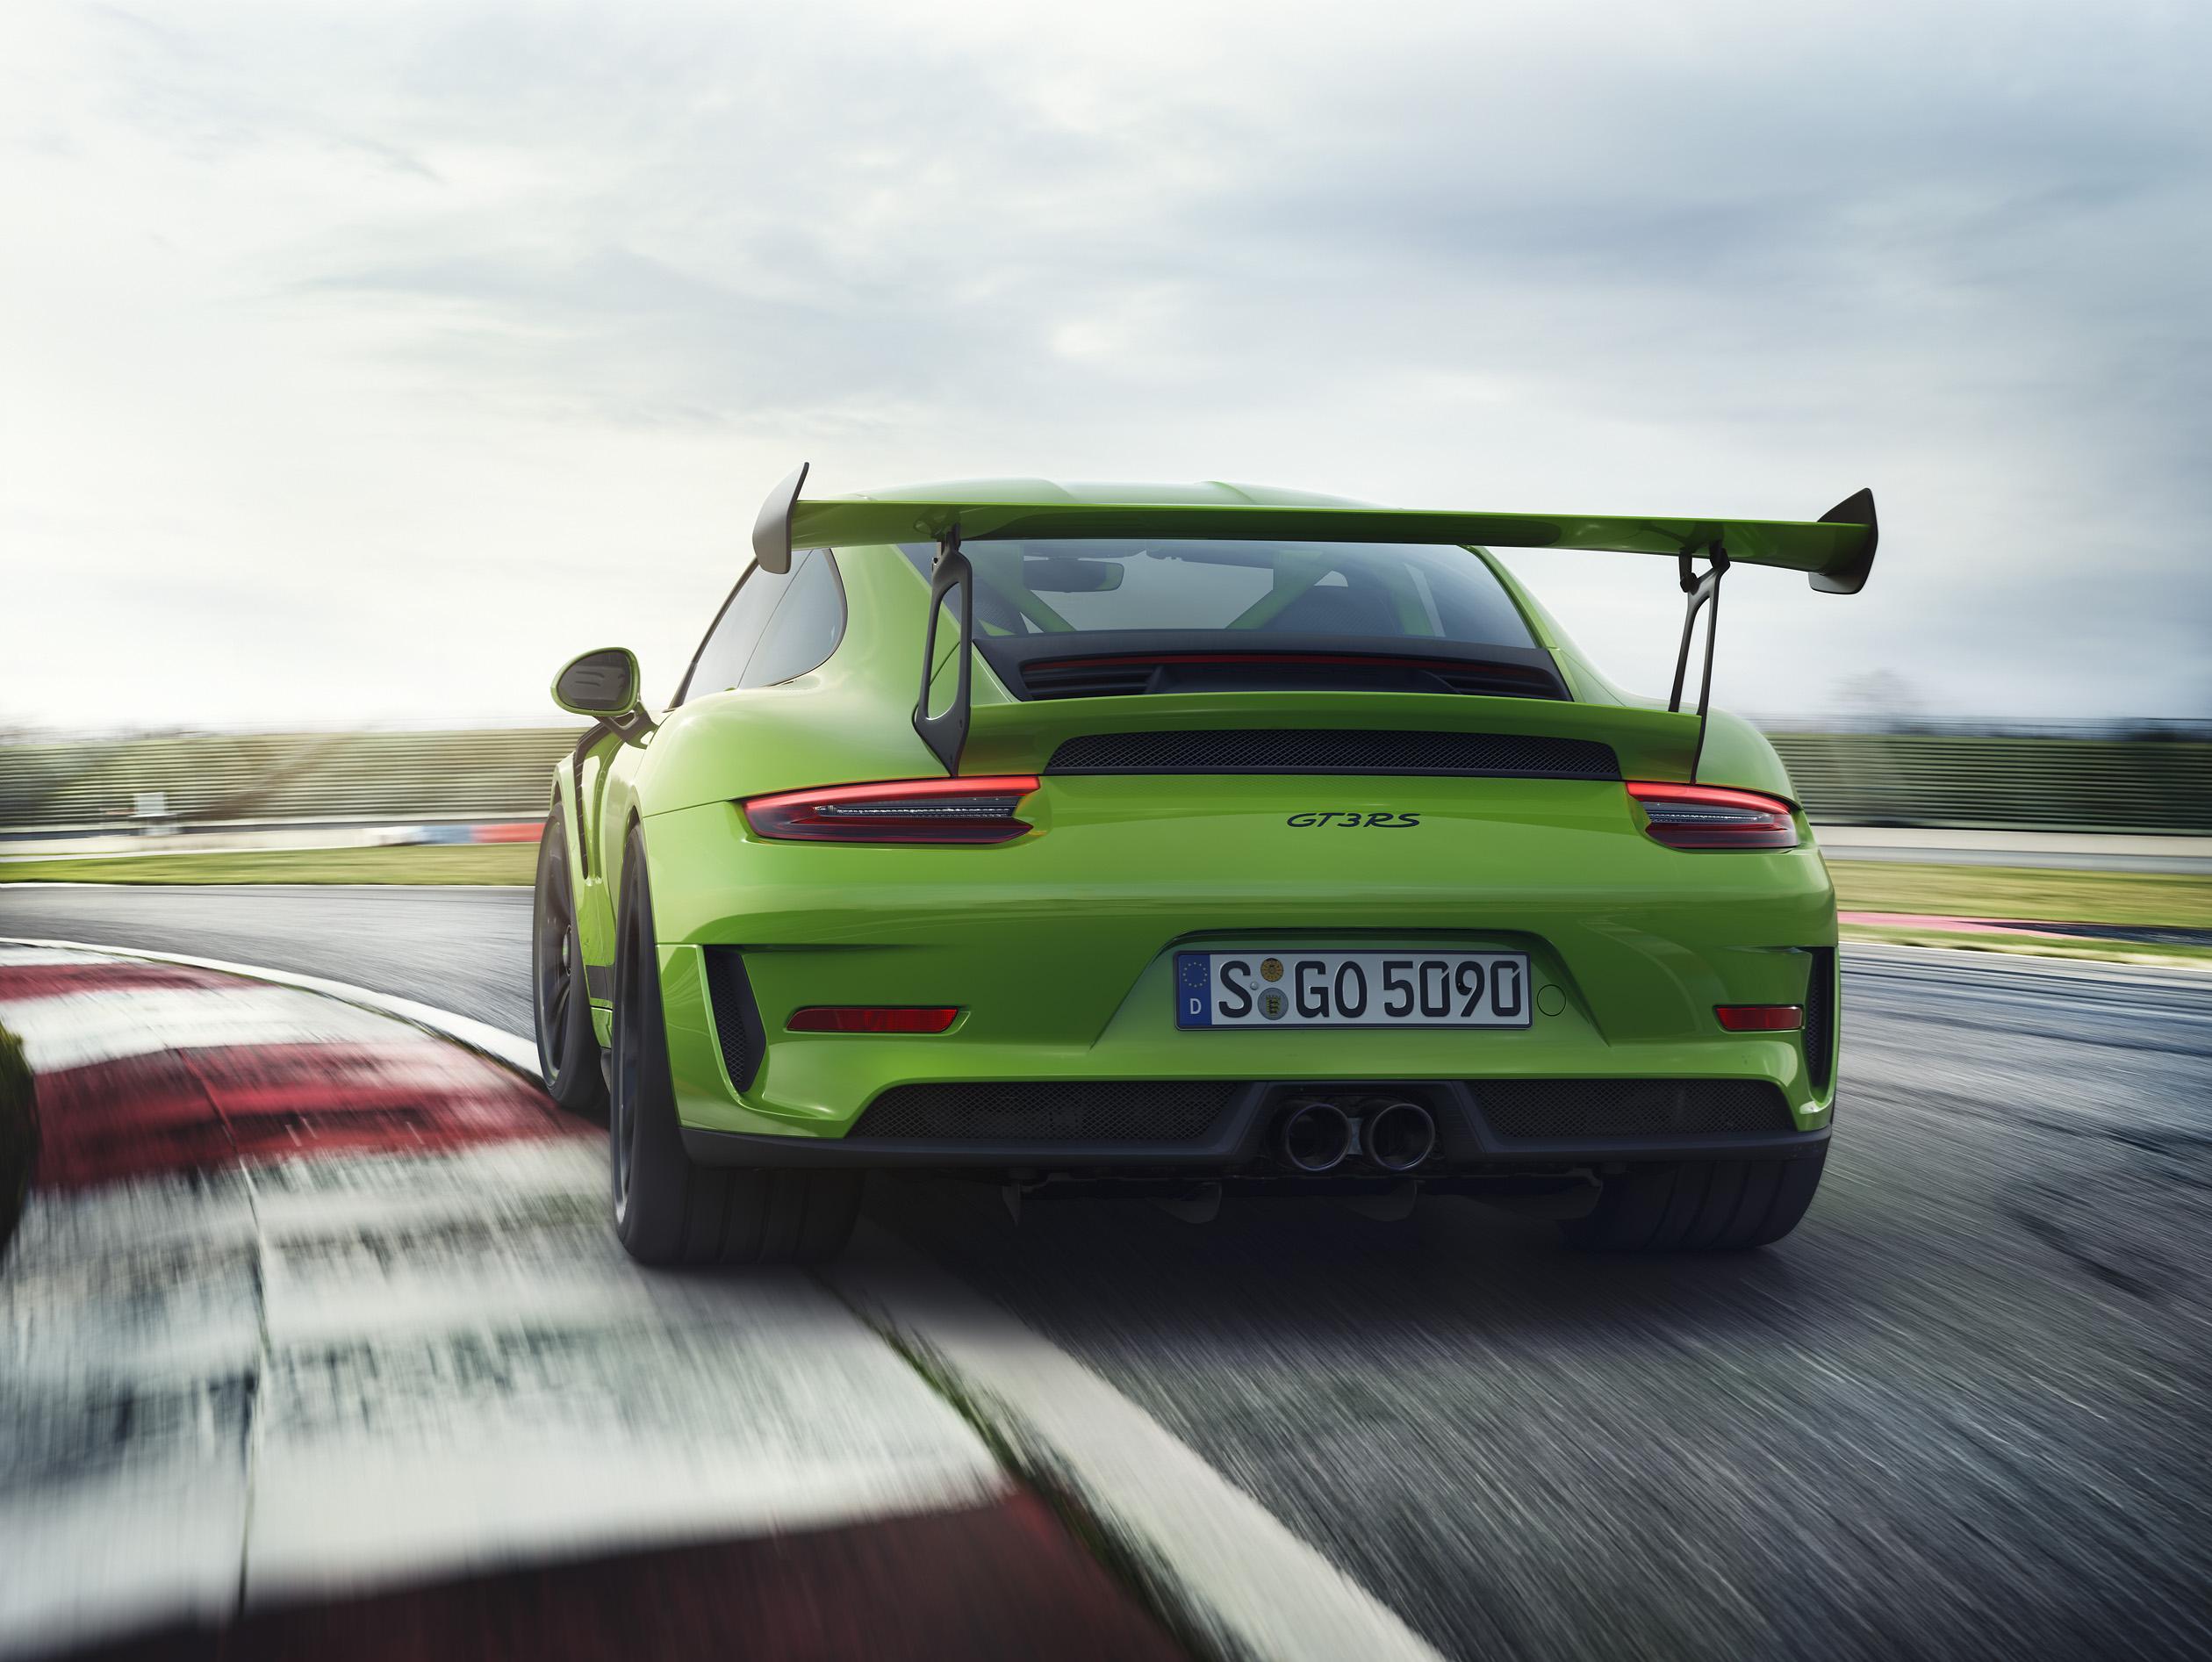 nuova porsche 911 gt3 rs verde coda pista cordolo